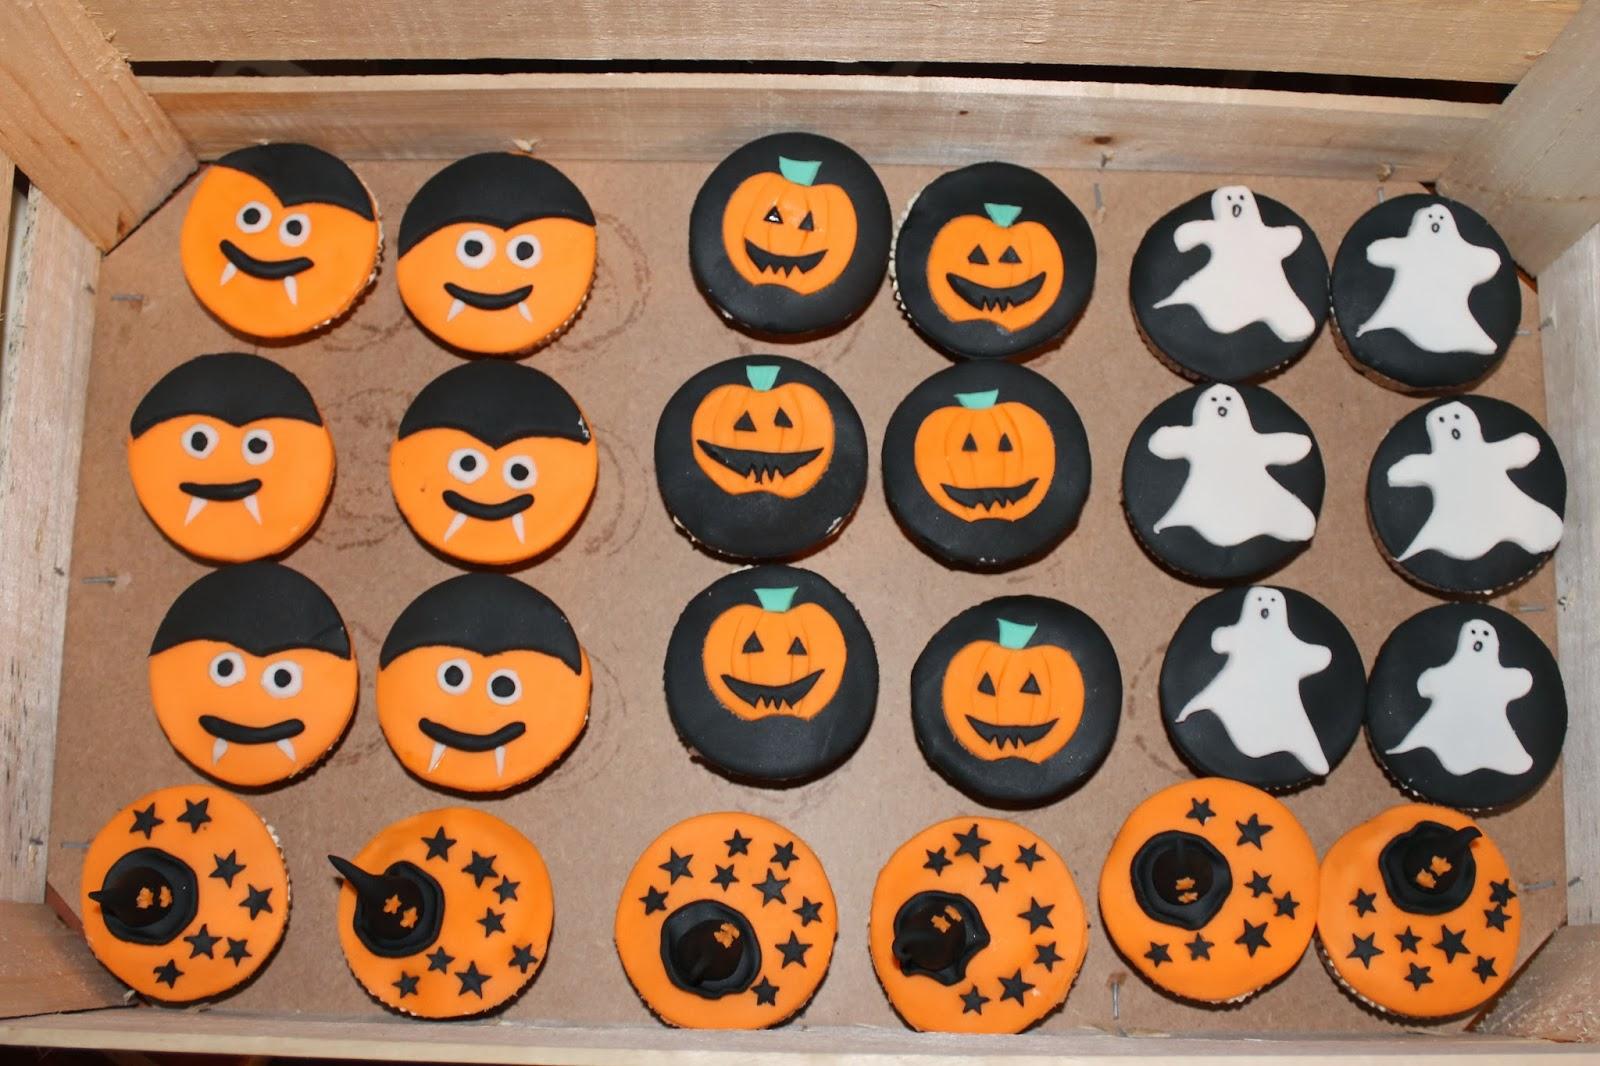 Halloween Figuurtjes Maken.Halloween Cupcakes Ellenismyname